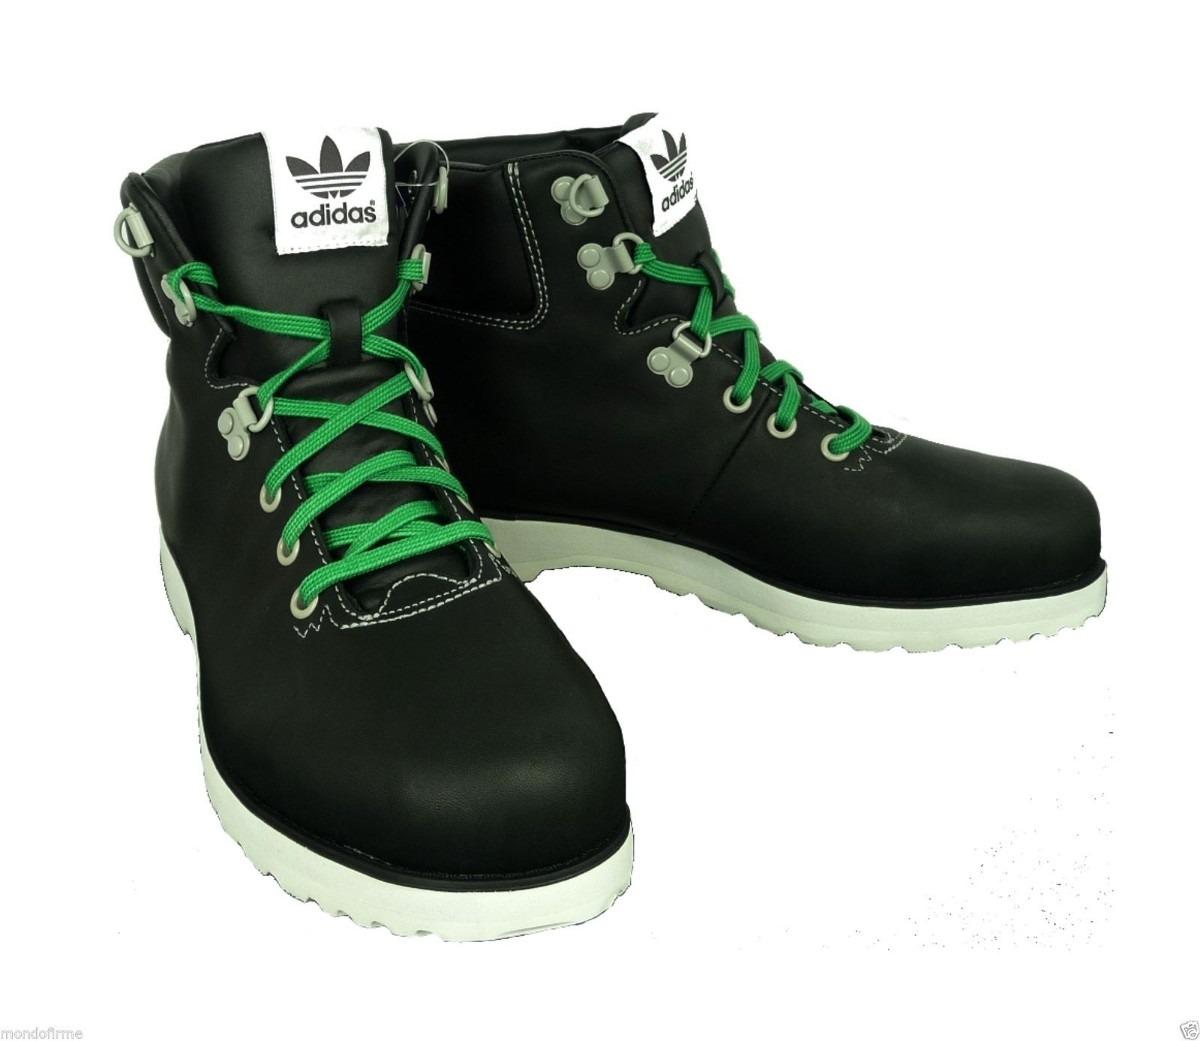 separation shoes 42a45 dd7d8 calzado hombre botines adidas 100% original amazing. Cargando zoom.